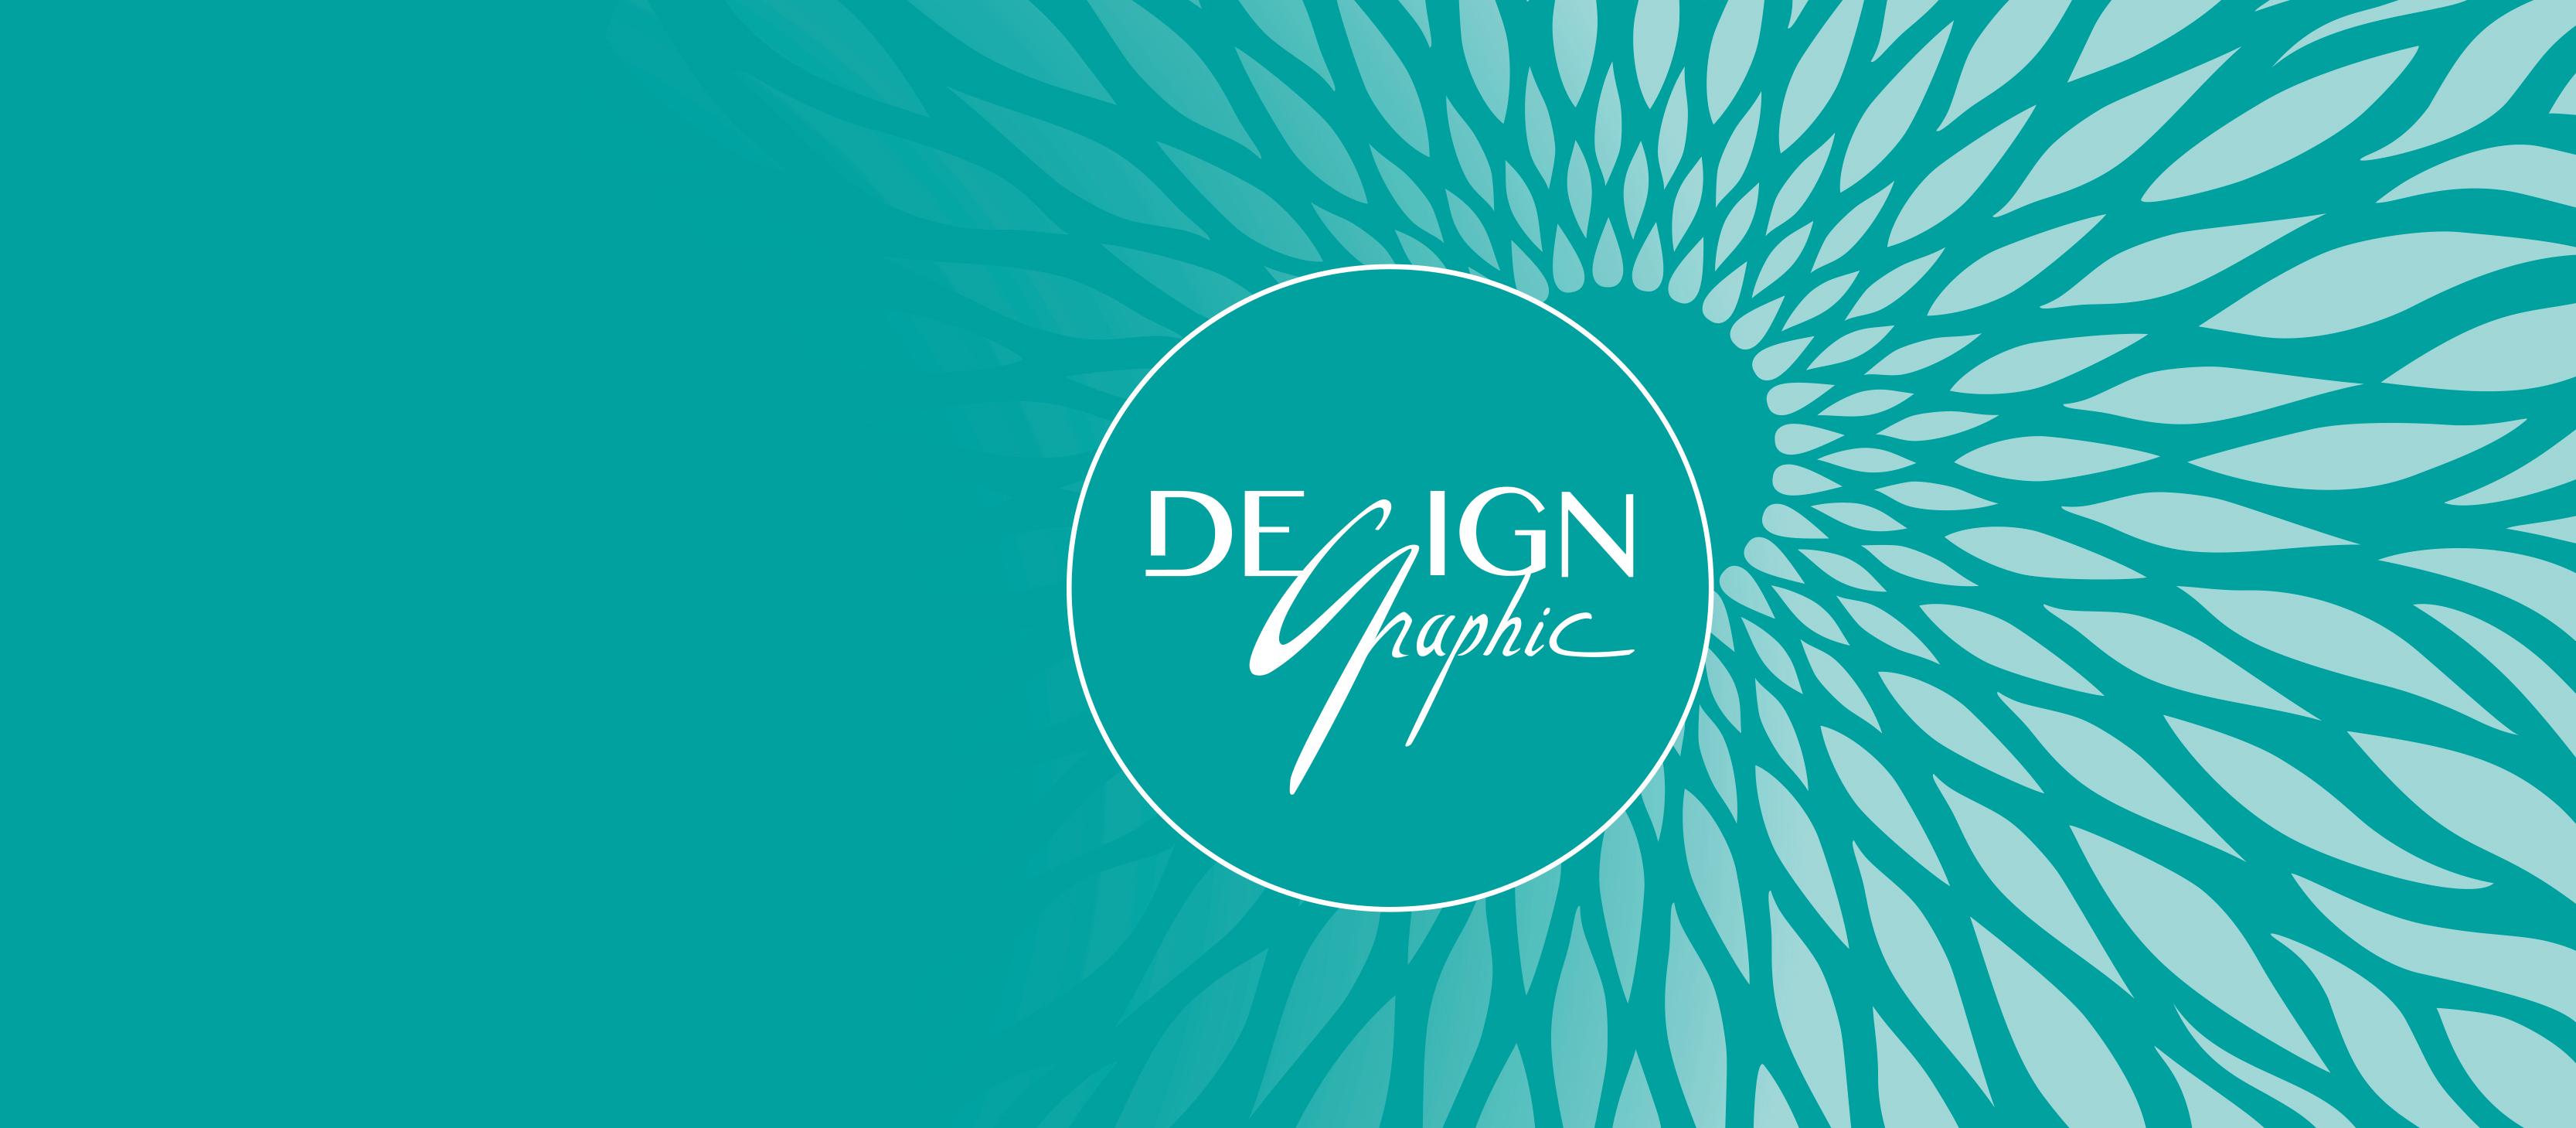 Studio Design Graphic La création n'a pas de frontières